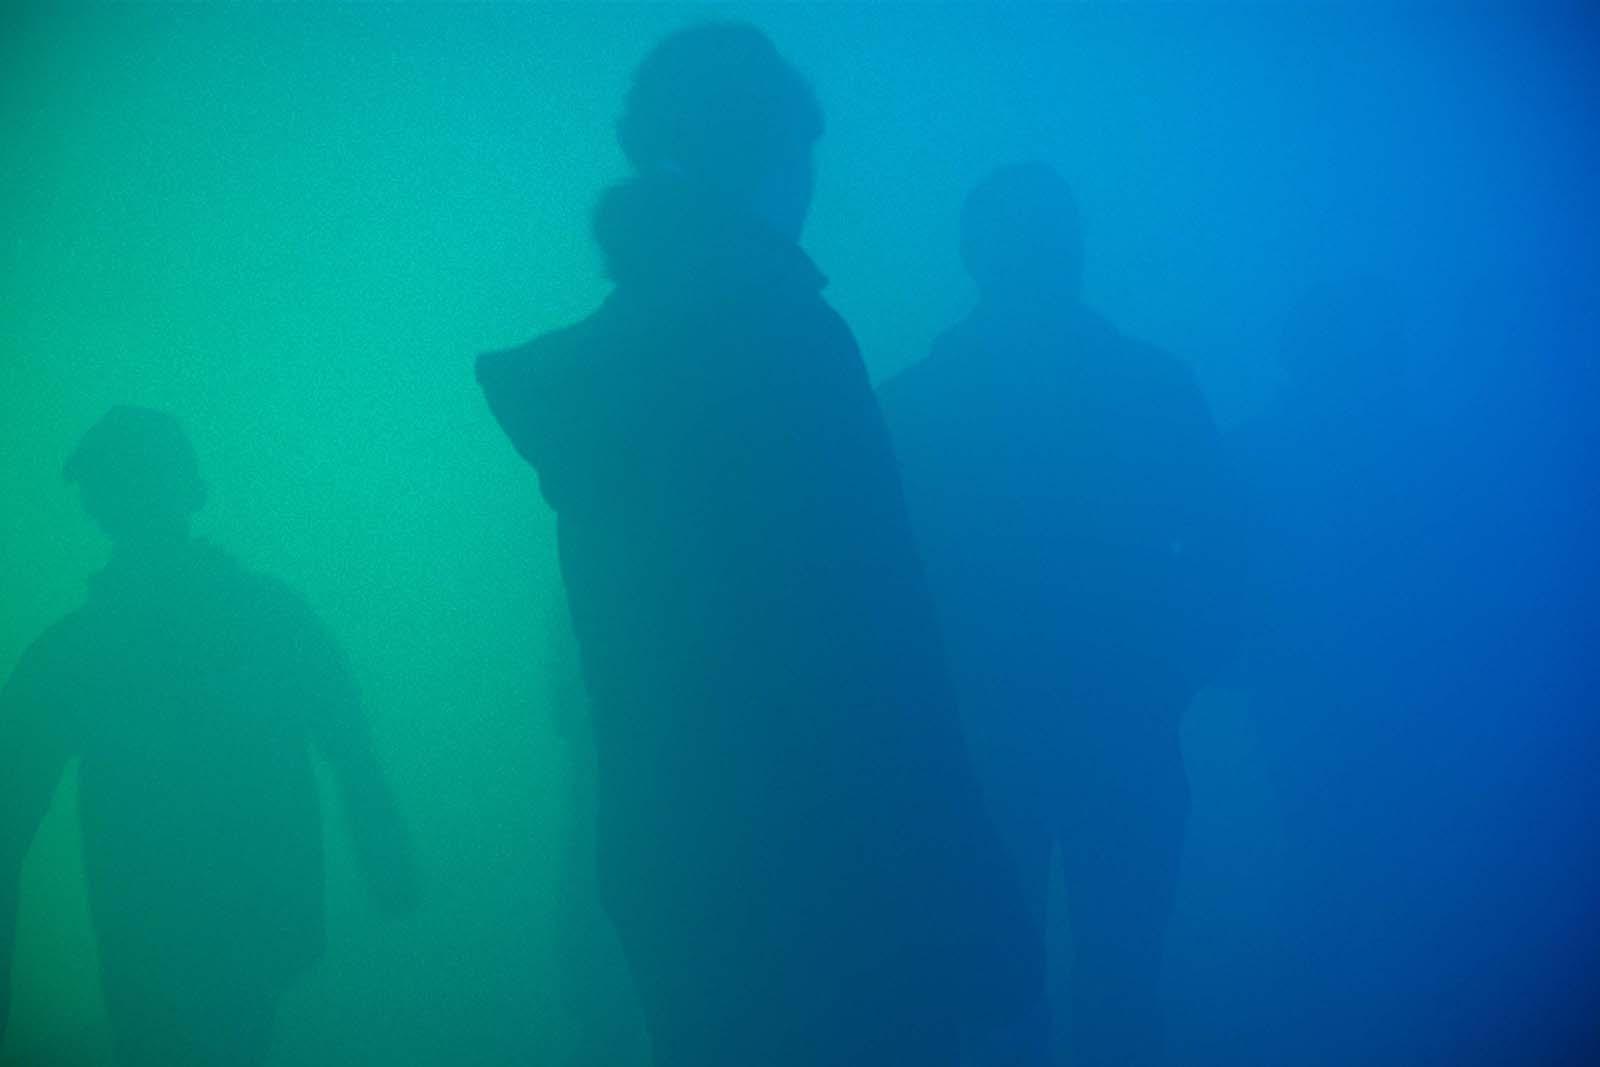 Farb-Licht-Nebel